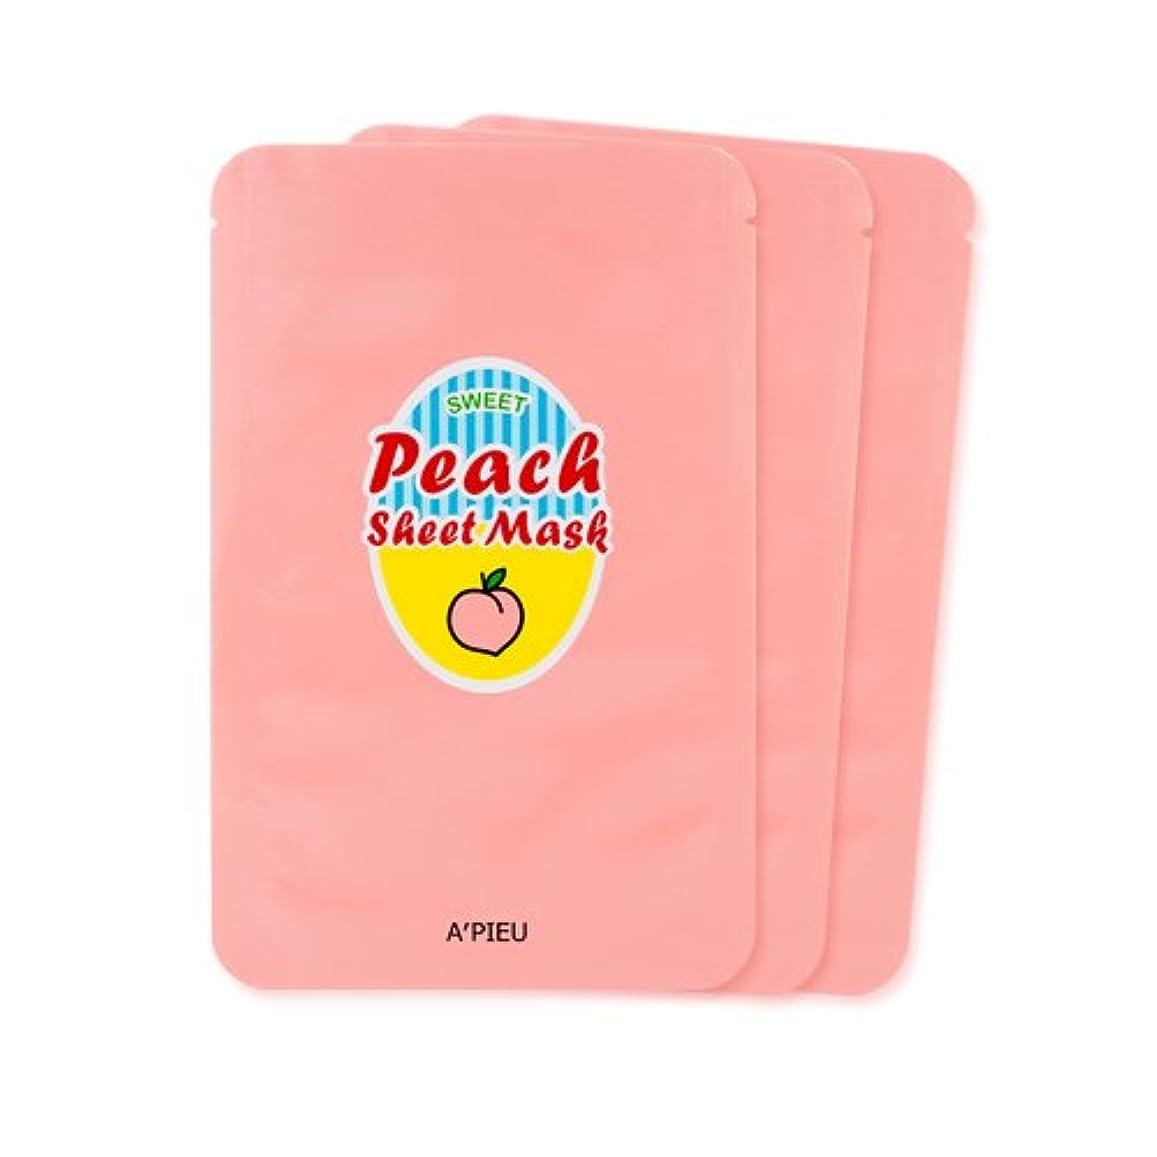 意外ロッカー肺A'PIEU Sweet Peach Sheet Mask 3EA / [オピュ/アピュ] スイートピーチシートマスク3枚 [並行輸入品]